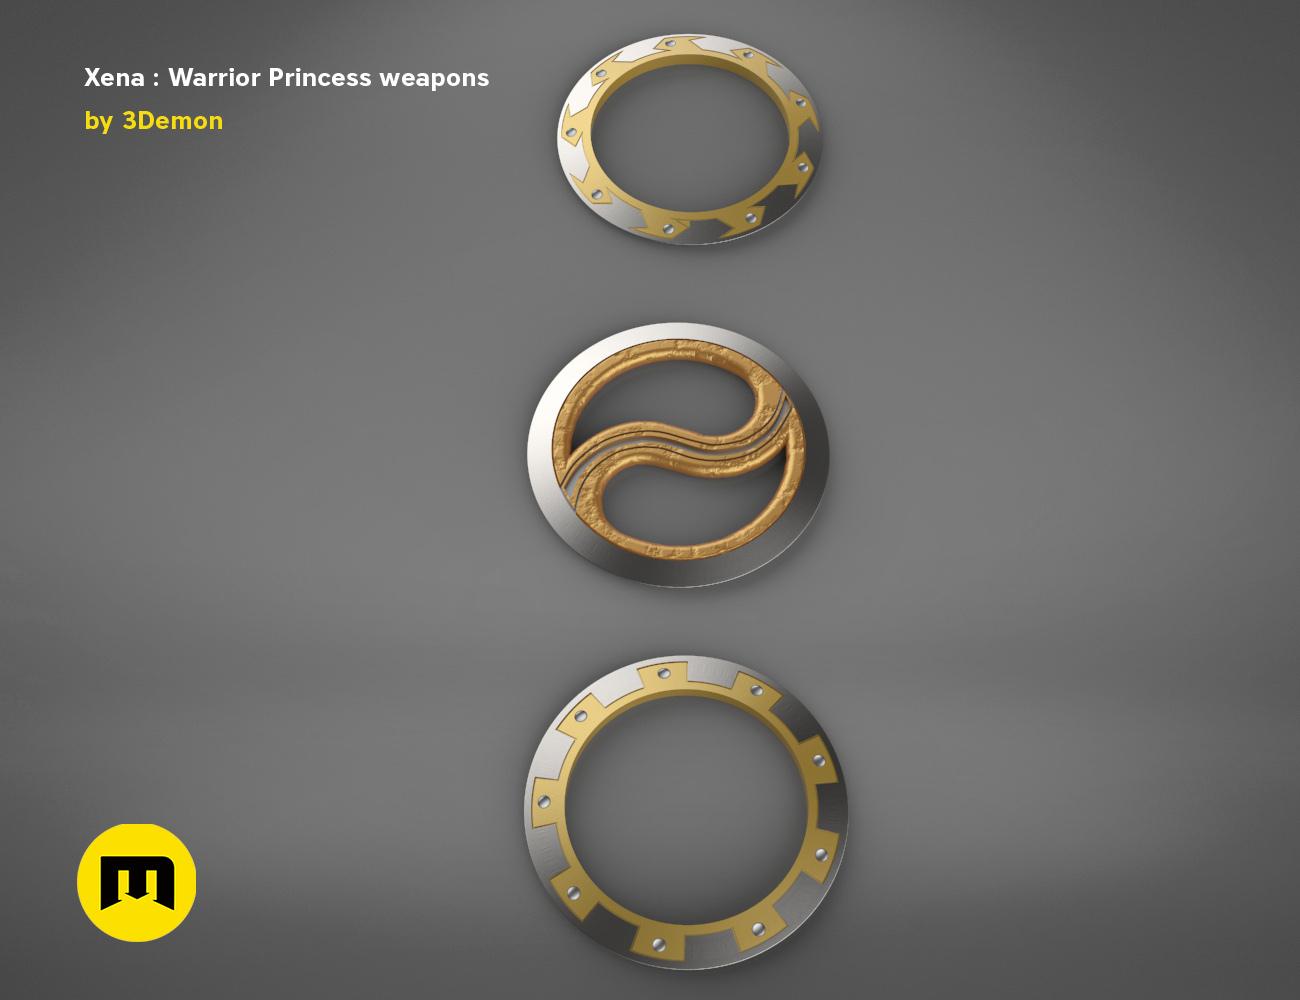 render_scene_xena-weapon.18 kopie.jpg Download STL file Xena - Warrior Princess Chakrams • 3D print model, 3D-mon